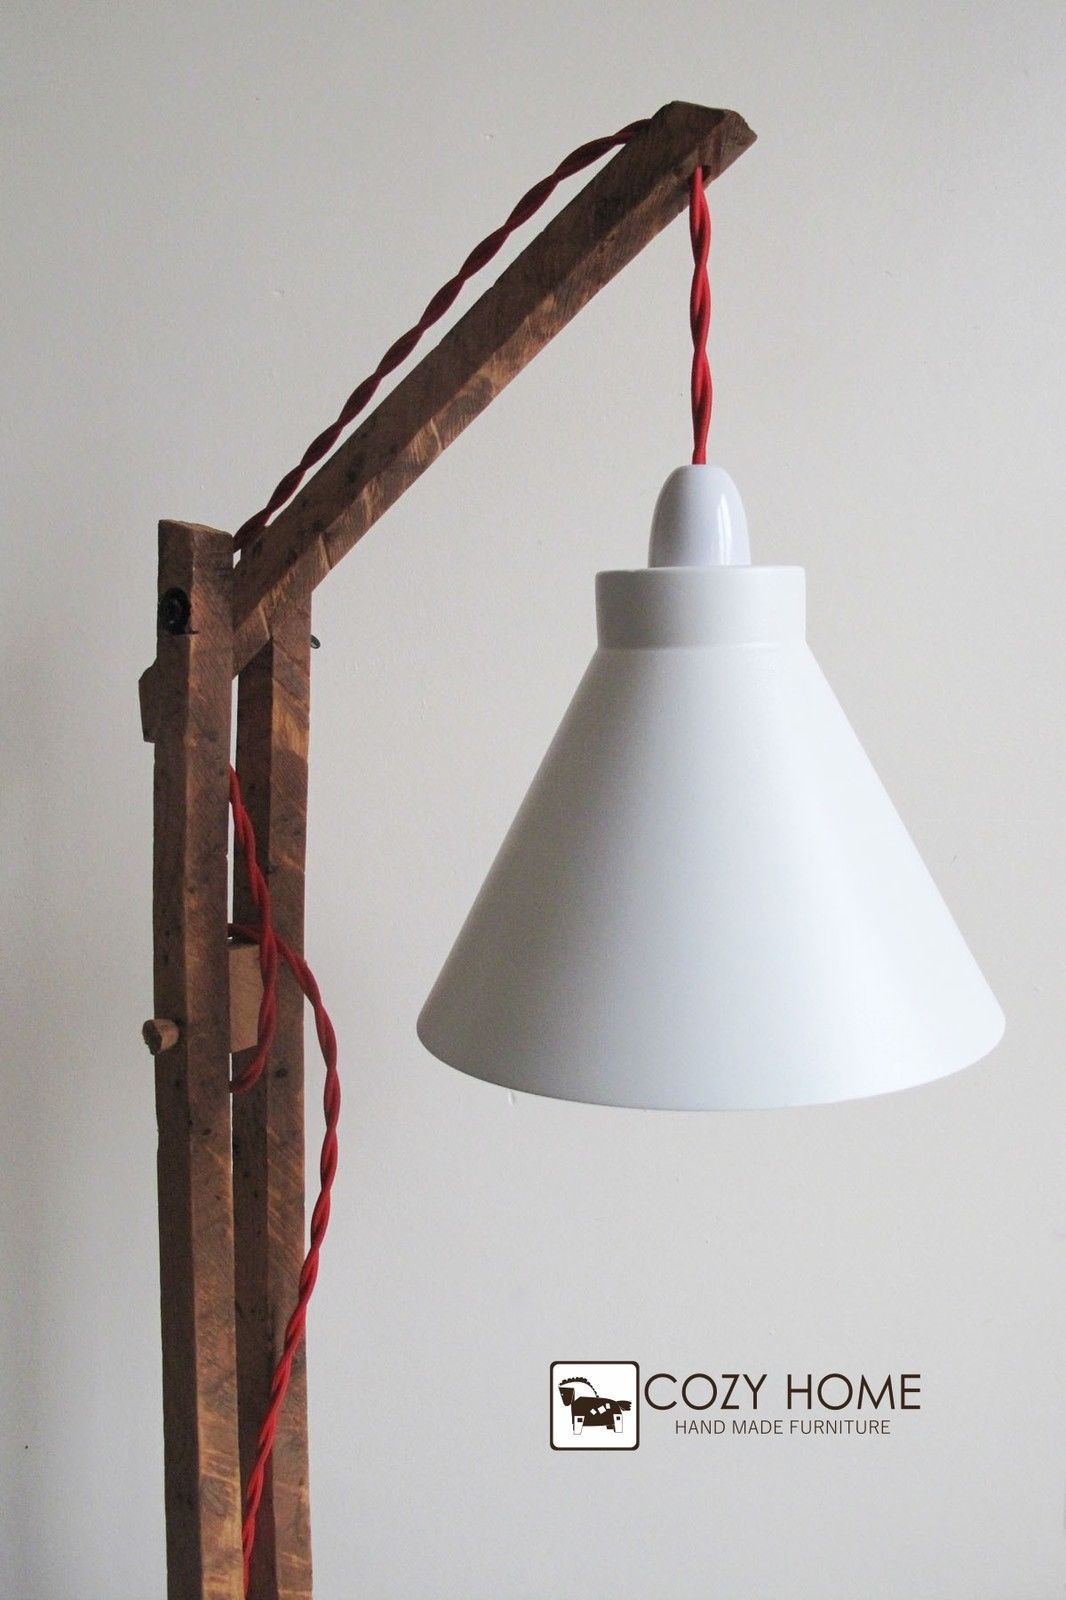 Vintage wooden stand lamp,Floor lamp standing | Floor lamp, Vintage ... for diy lamp stand ideas  35fsj